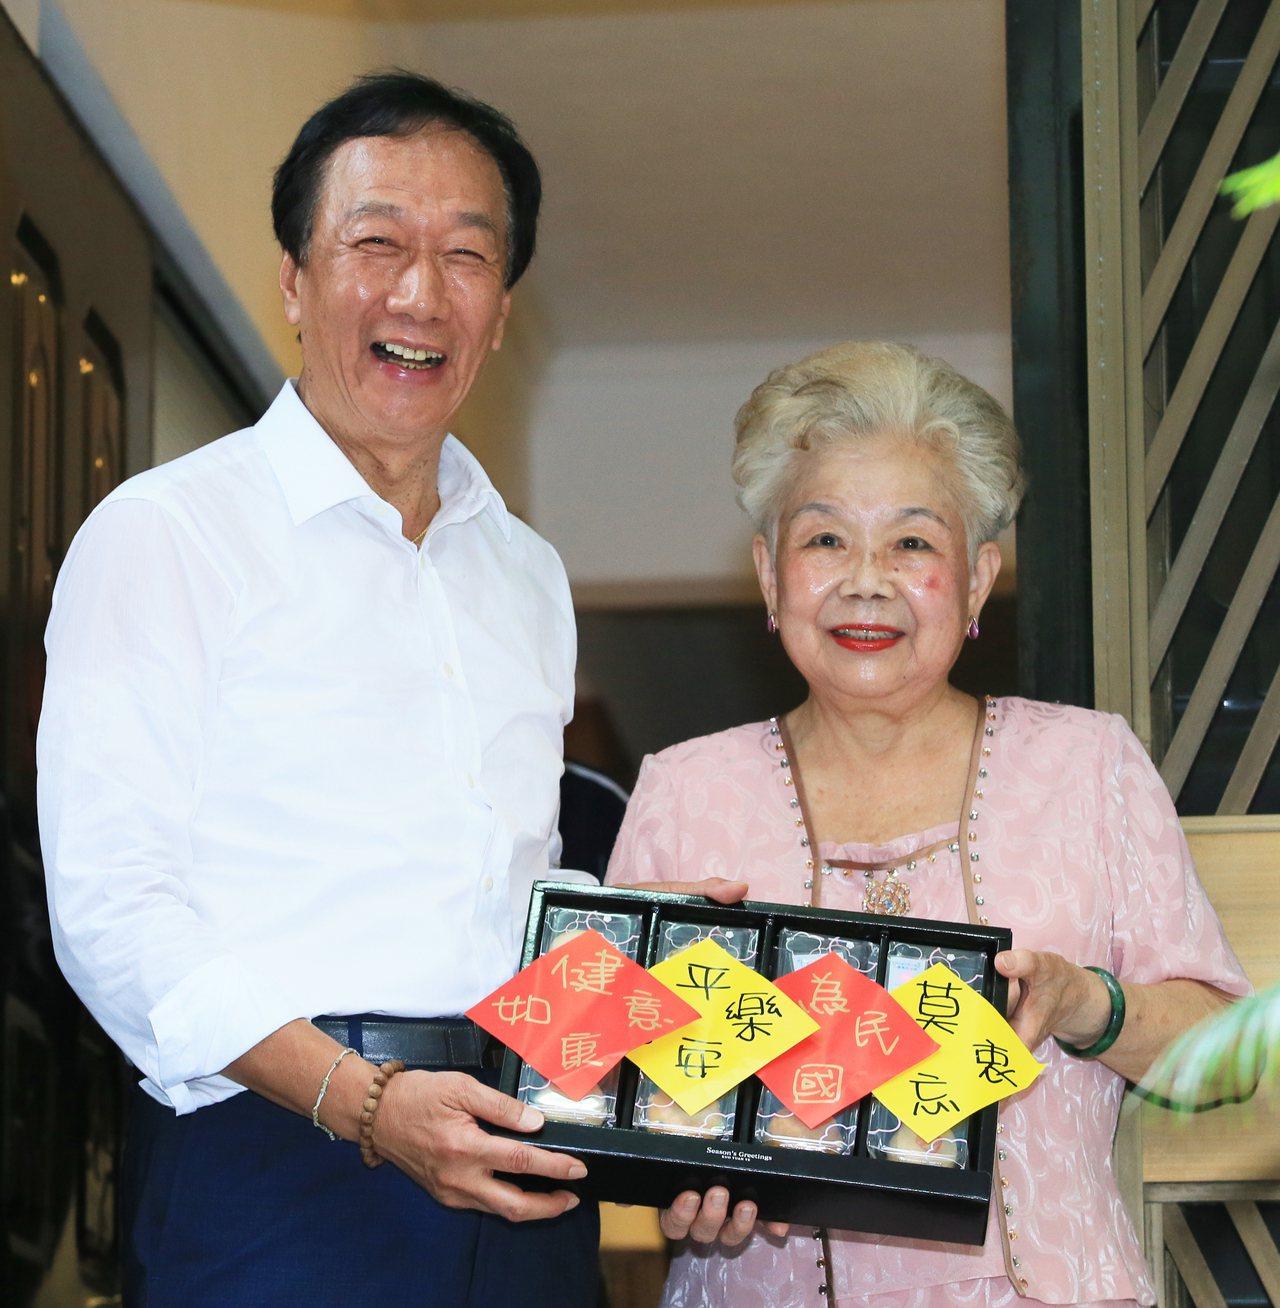 鴻海創辦人郭台銘(左)送上附有十六字紙條的月餅給柯文哲媽媽。 記者潘俊宏/攝影